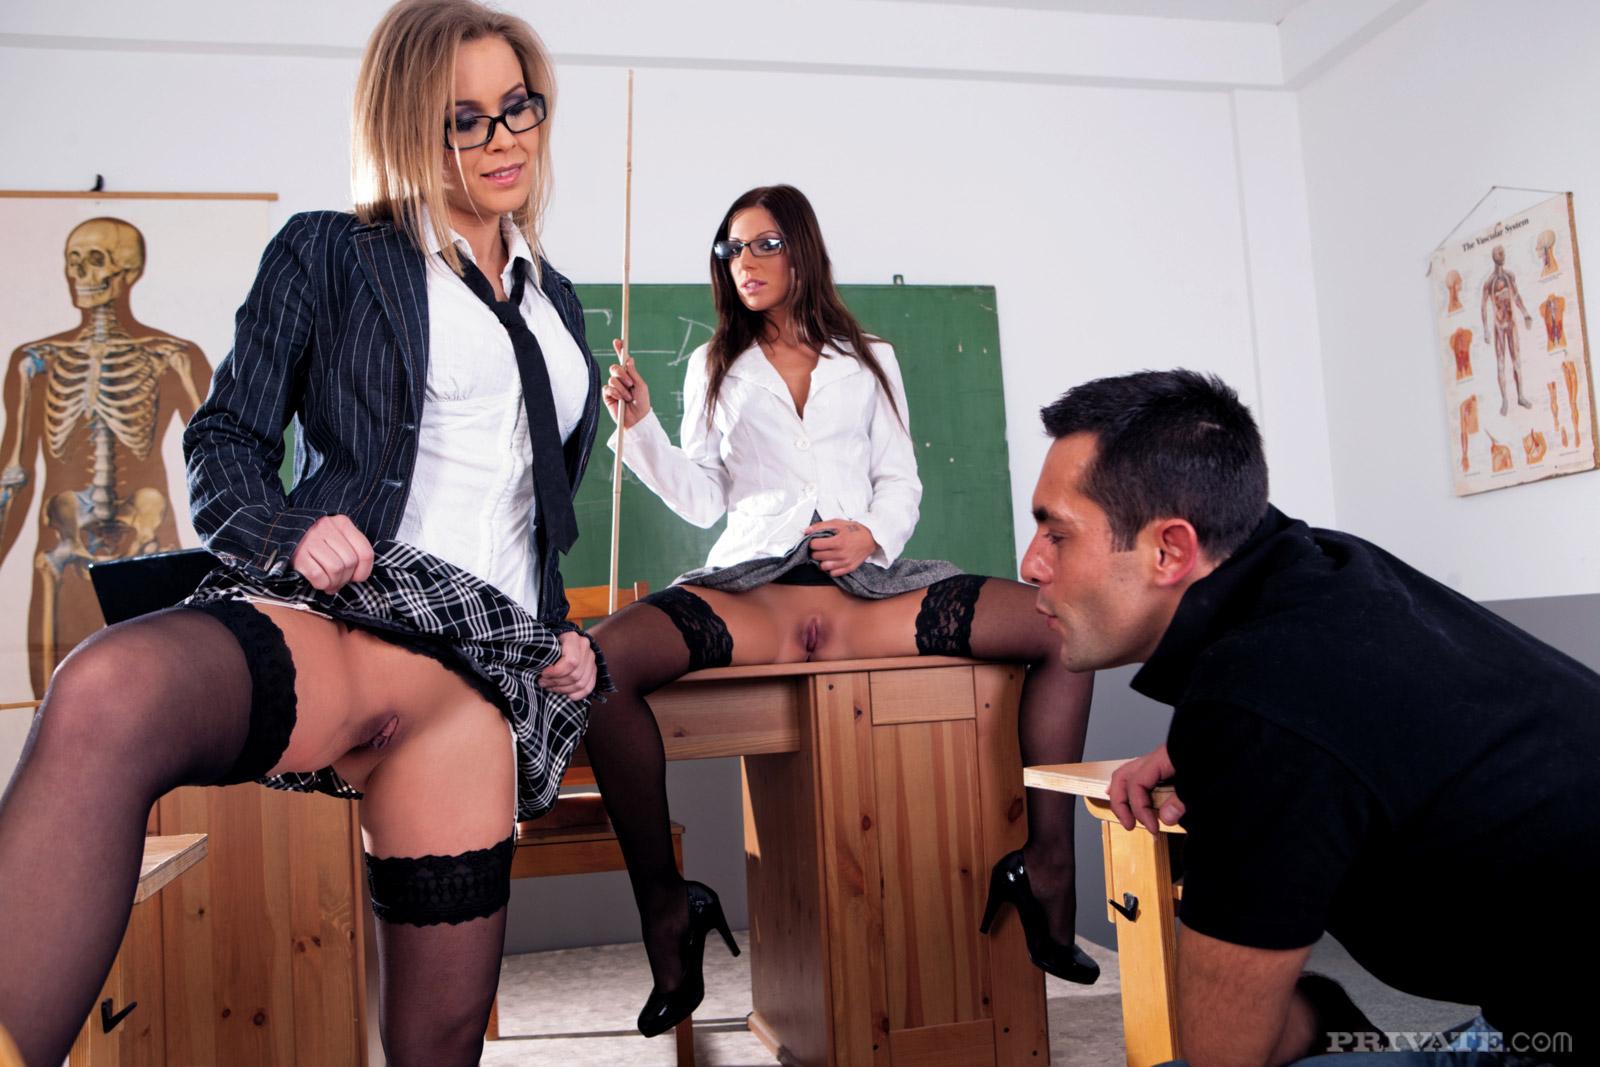 Секс в школе на уроке с учениками смотреть, Училки в порно трахаются со студентами и учениками 5 фотография